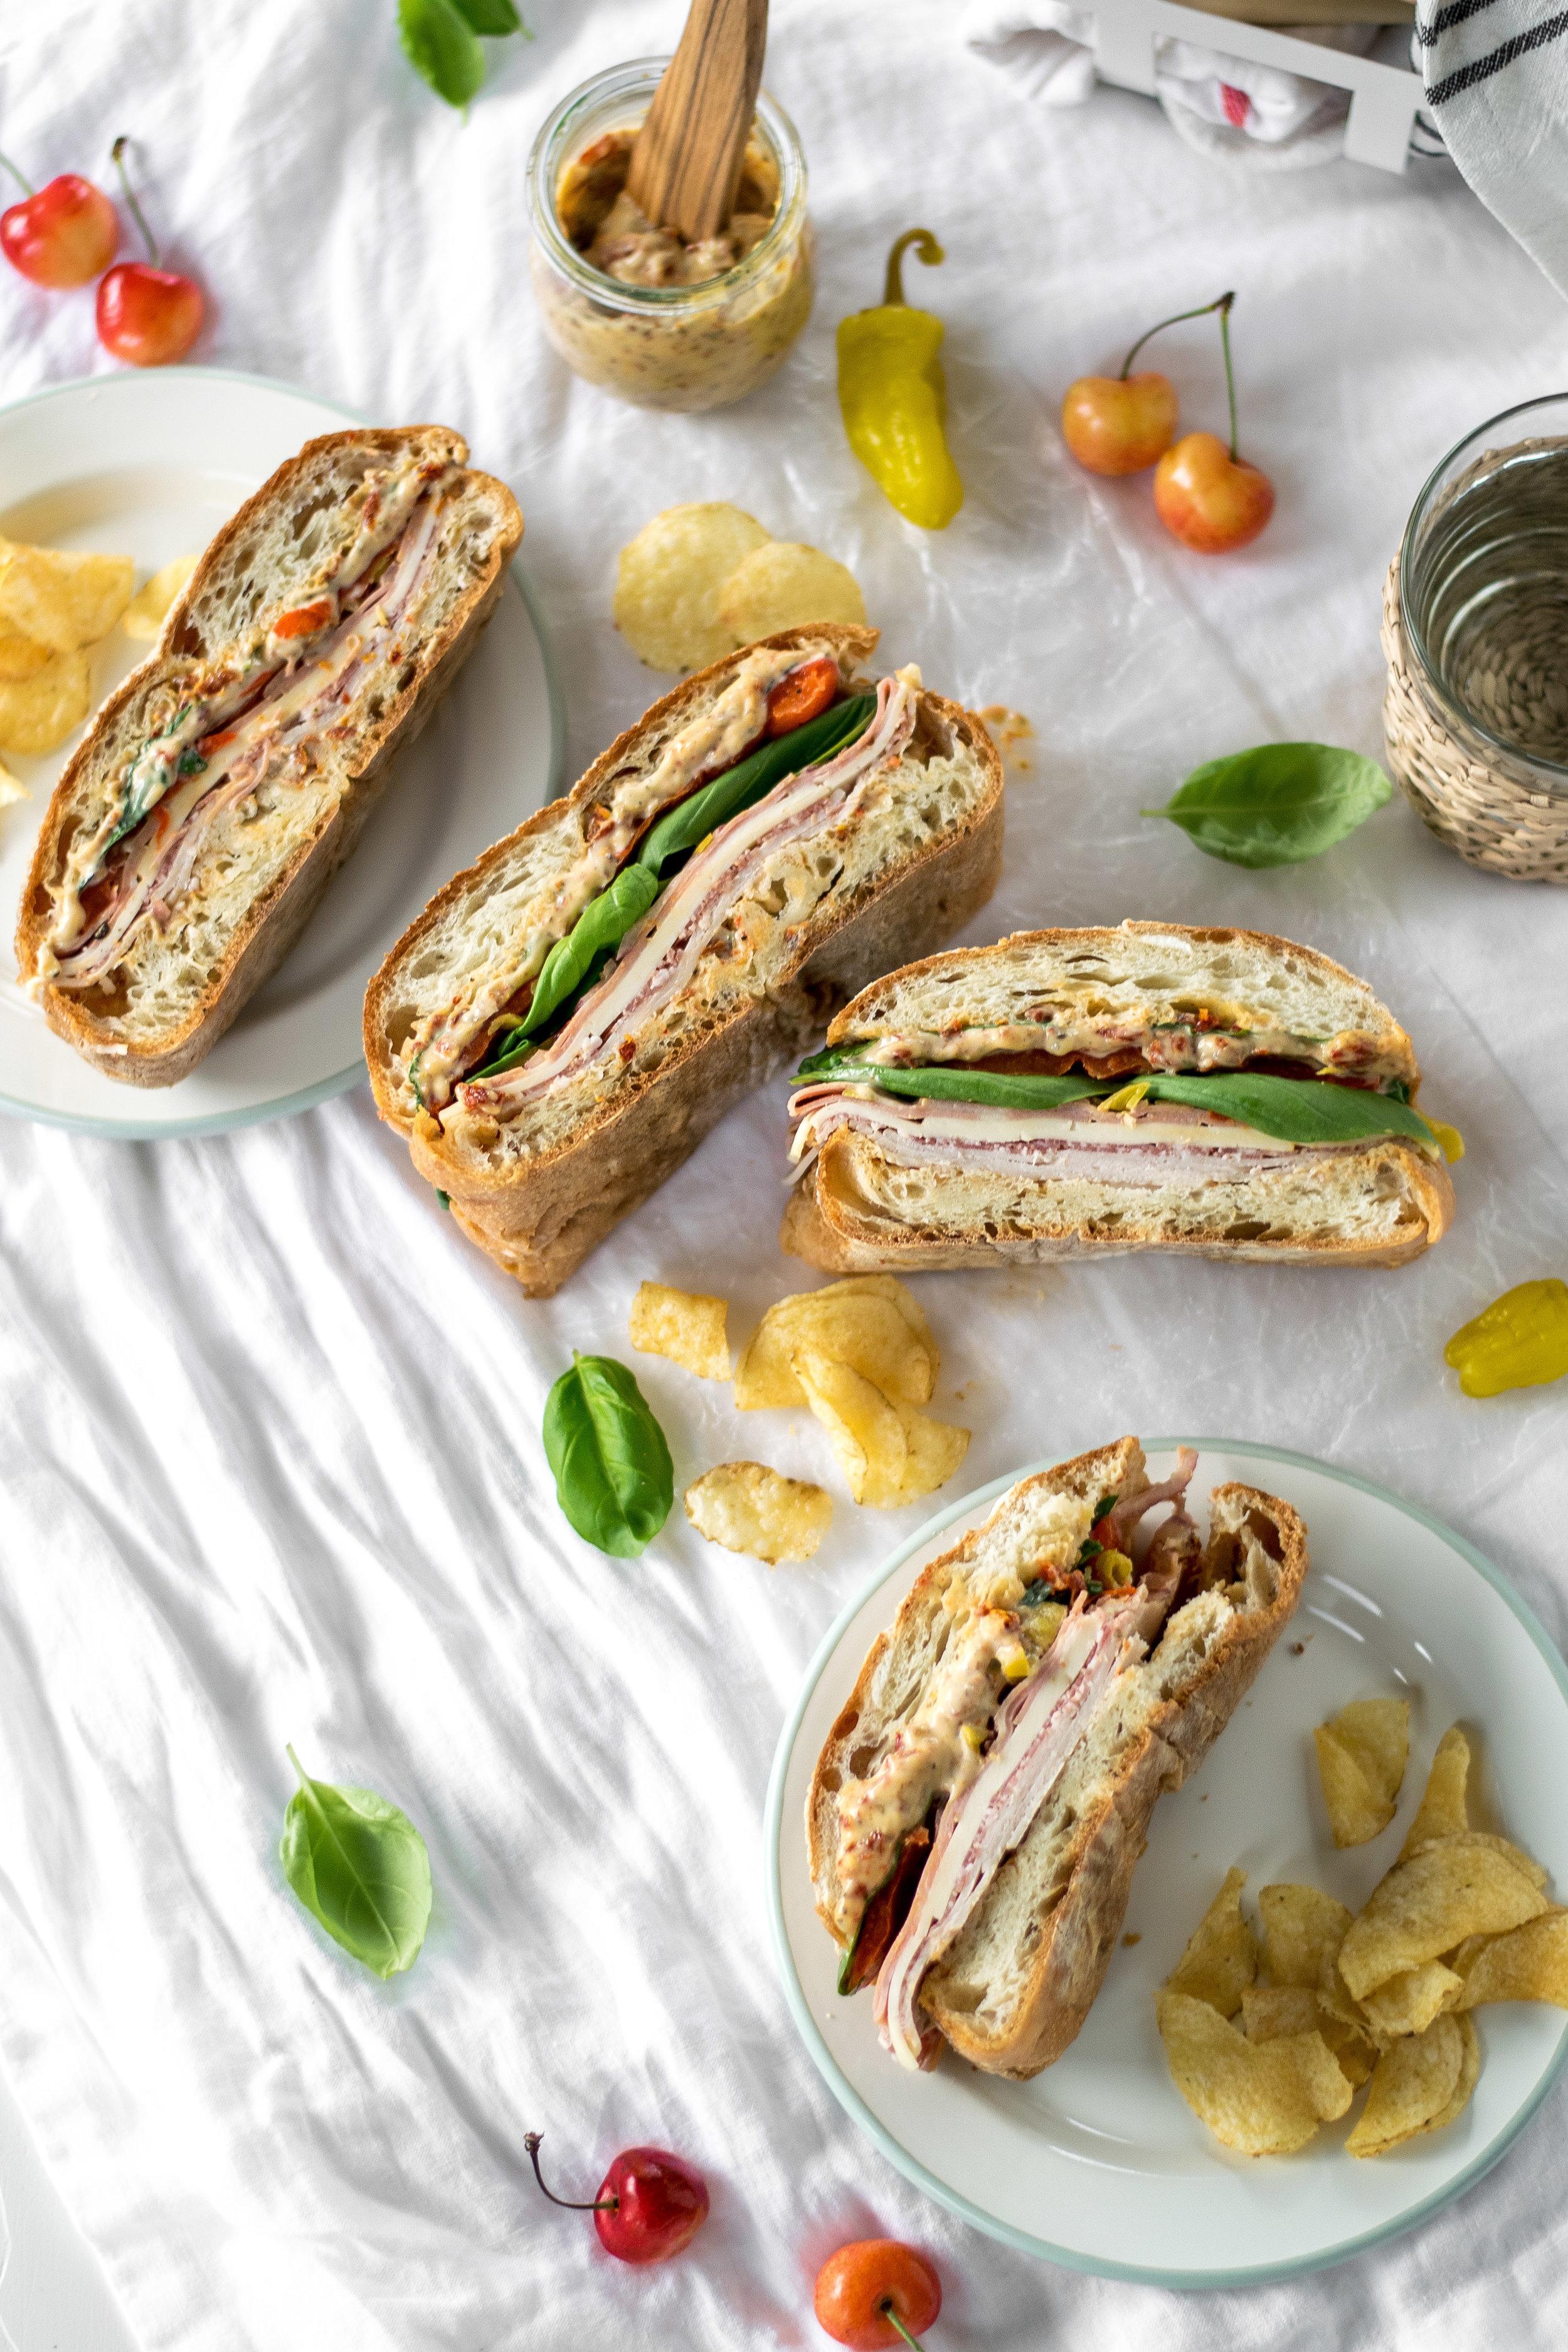 Italian Pressed Picnic Sandwiches with Sun-Dried Tomato Aioli | All Purpose Flour Child